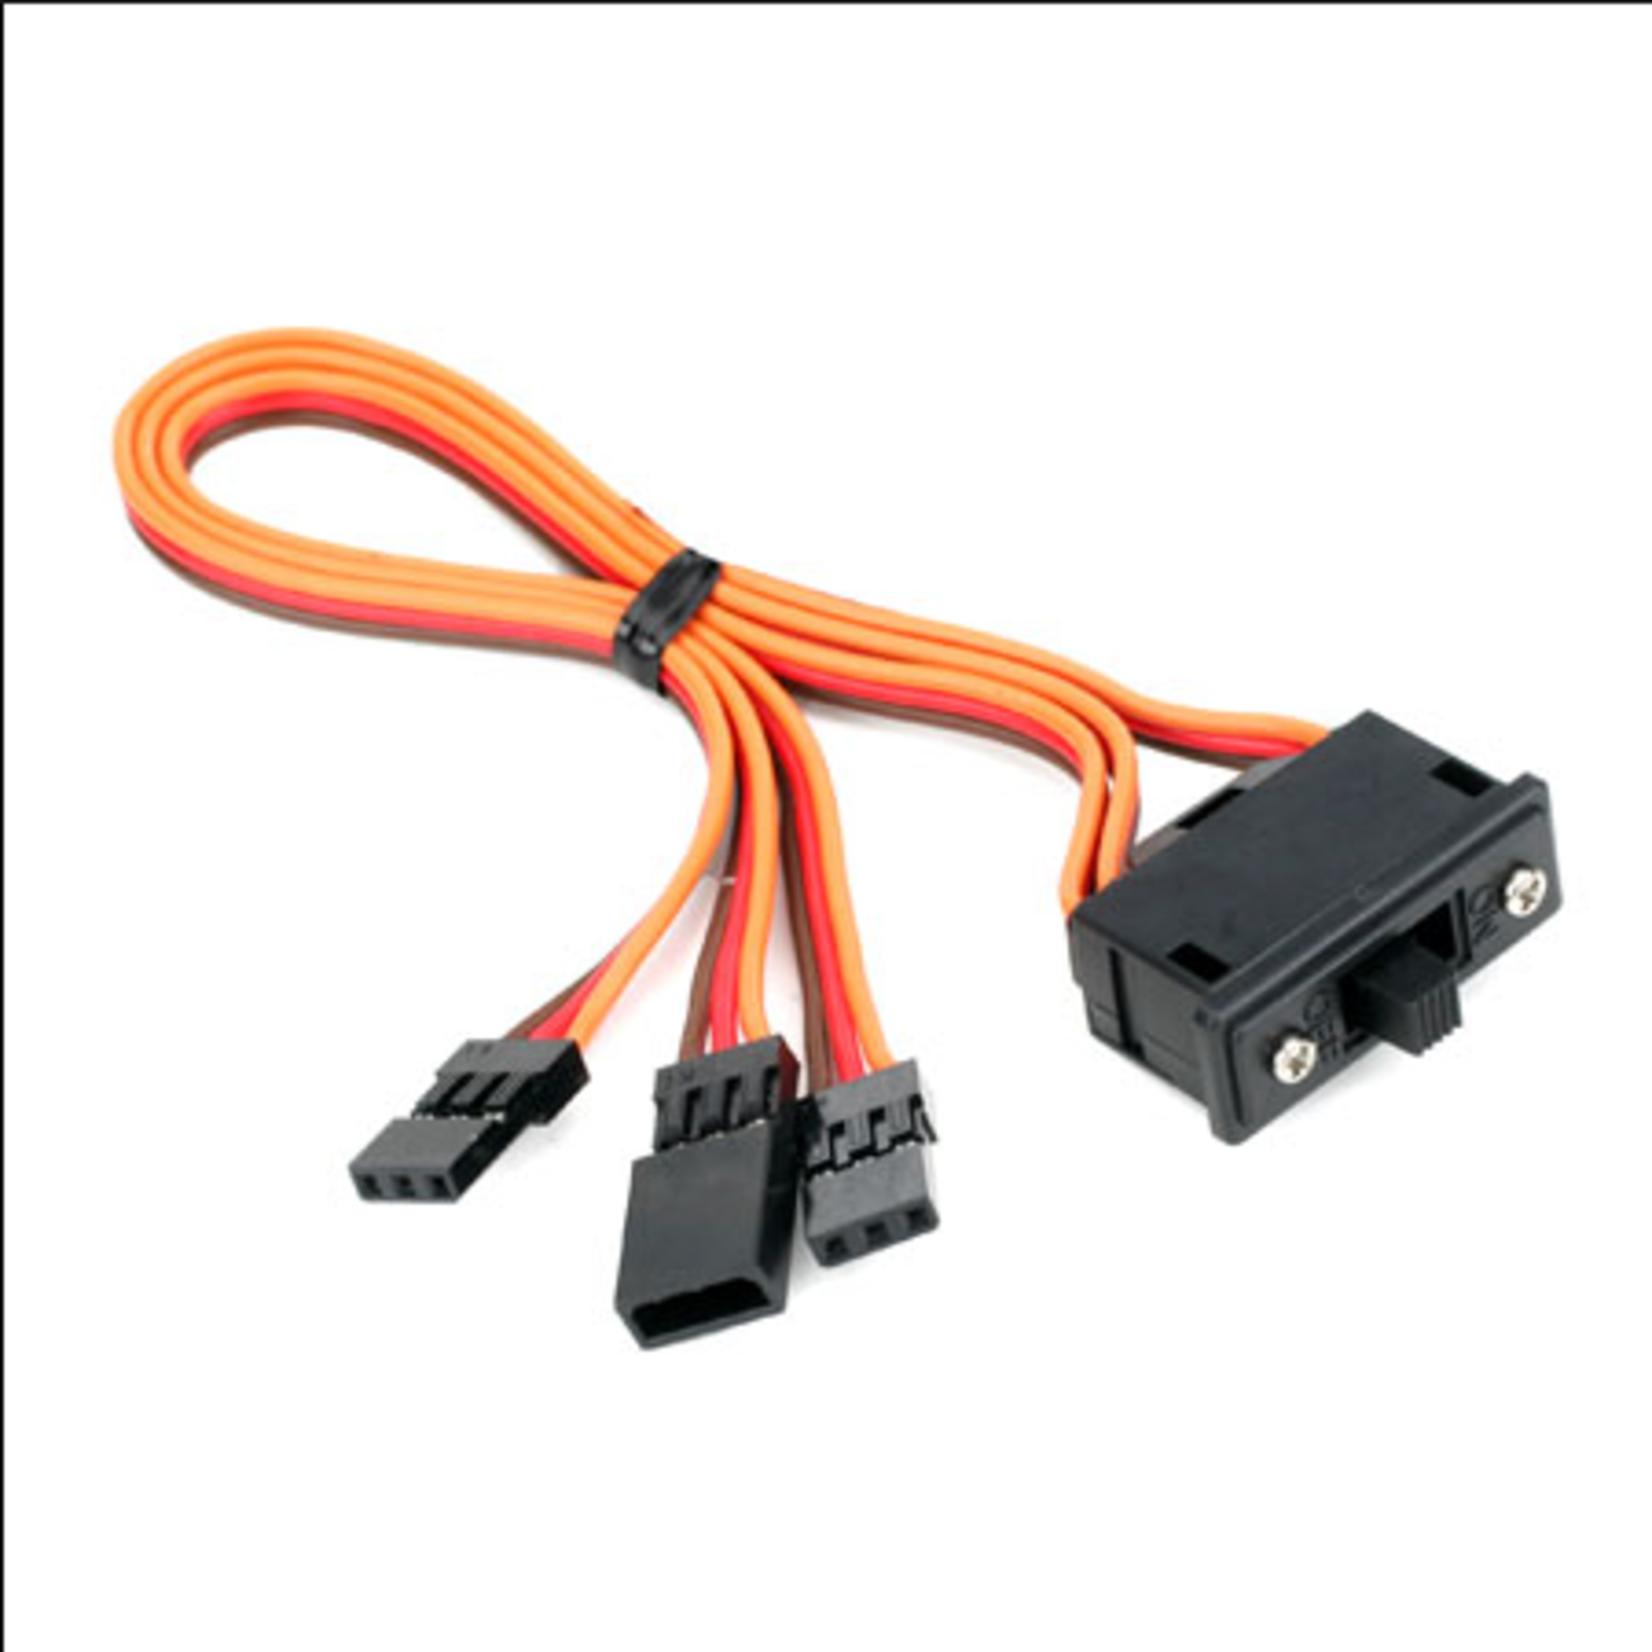 Spektrum SPM9530 Spektrum 3-Wire Switch Harness Standard